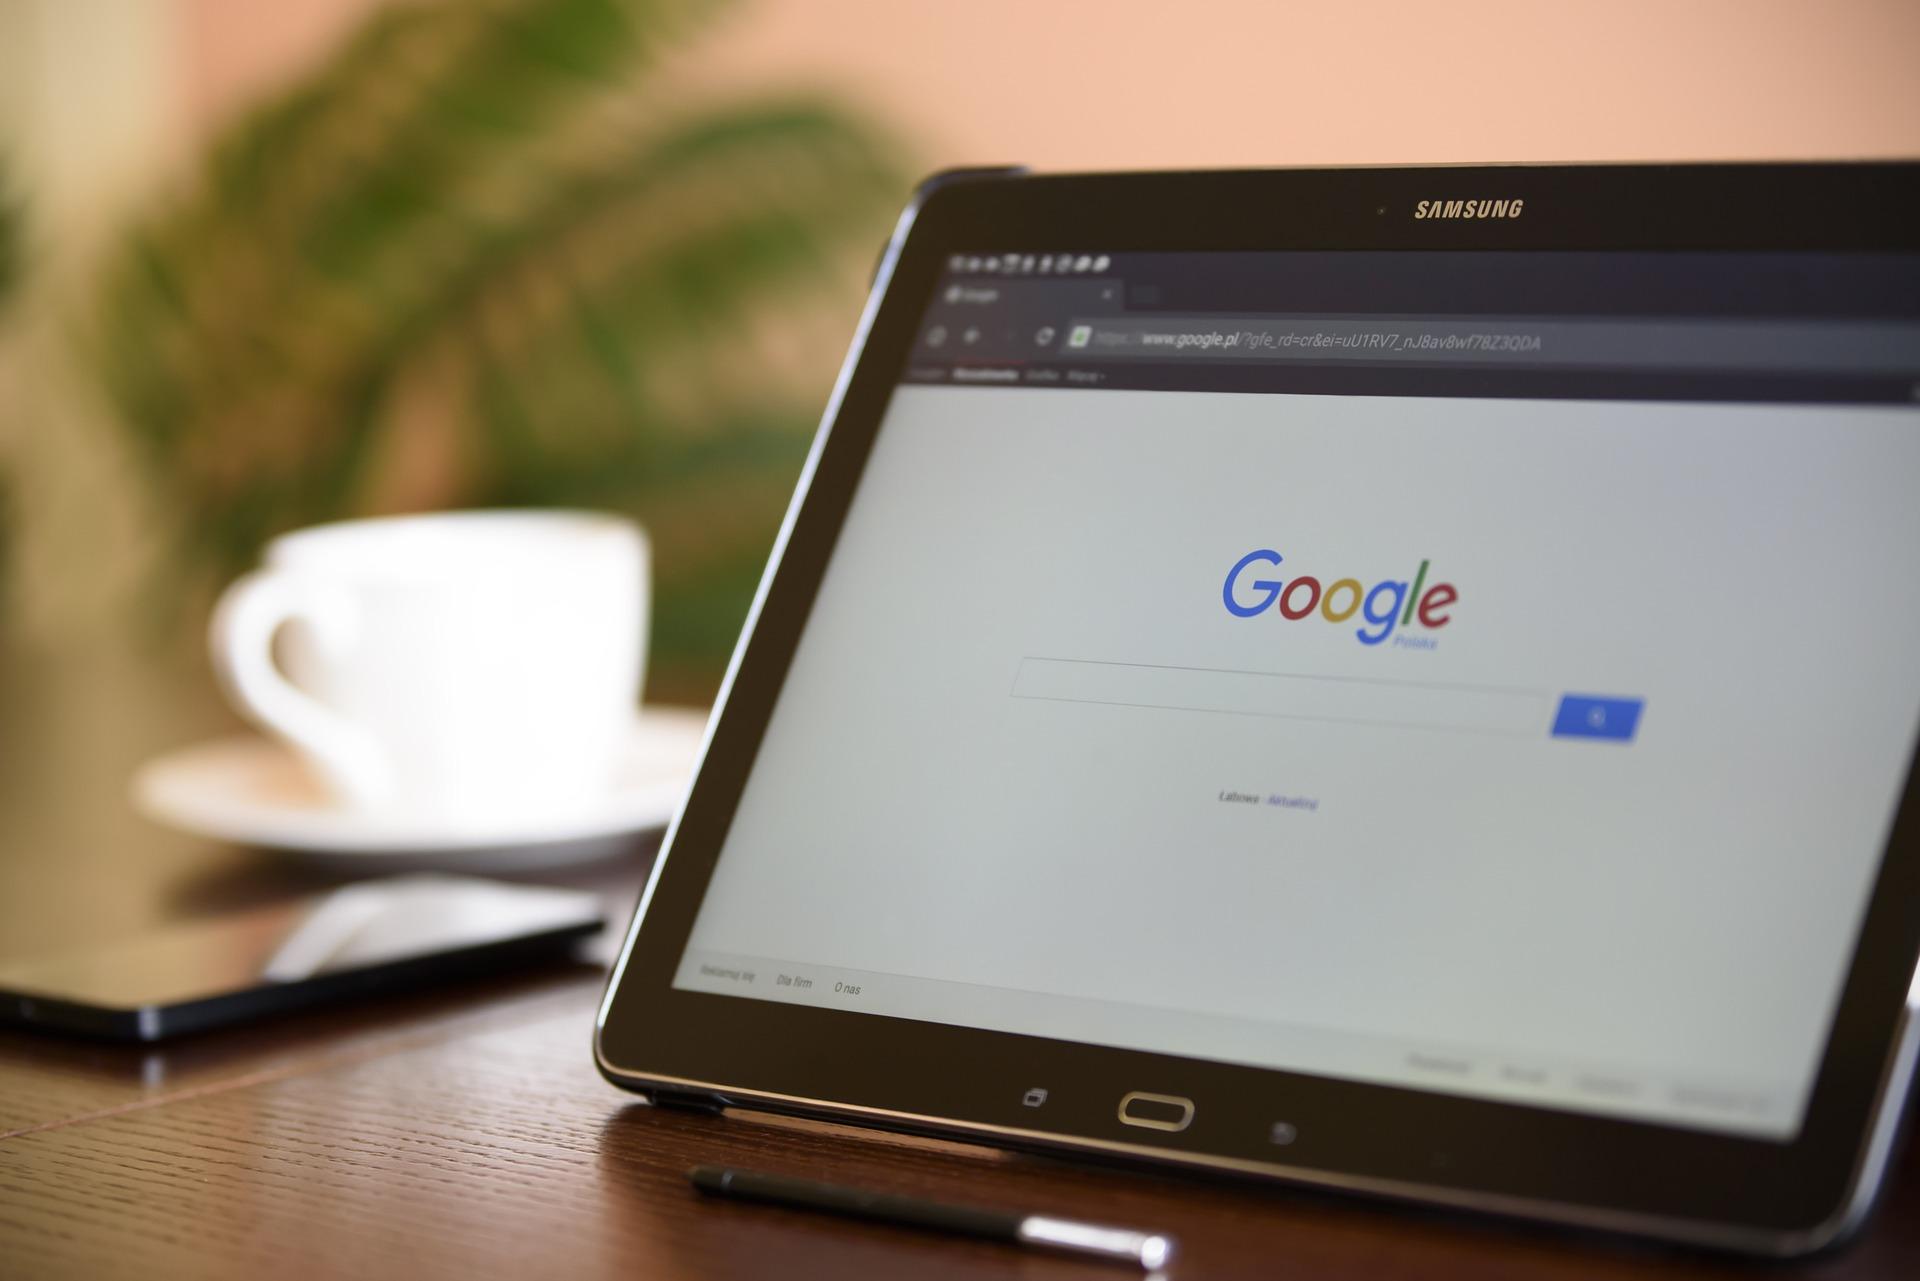 Descubra como divulgar a sua rádio online por meio dos mecanismos de busca